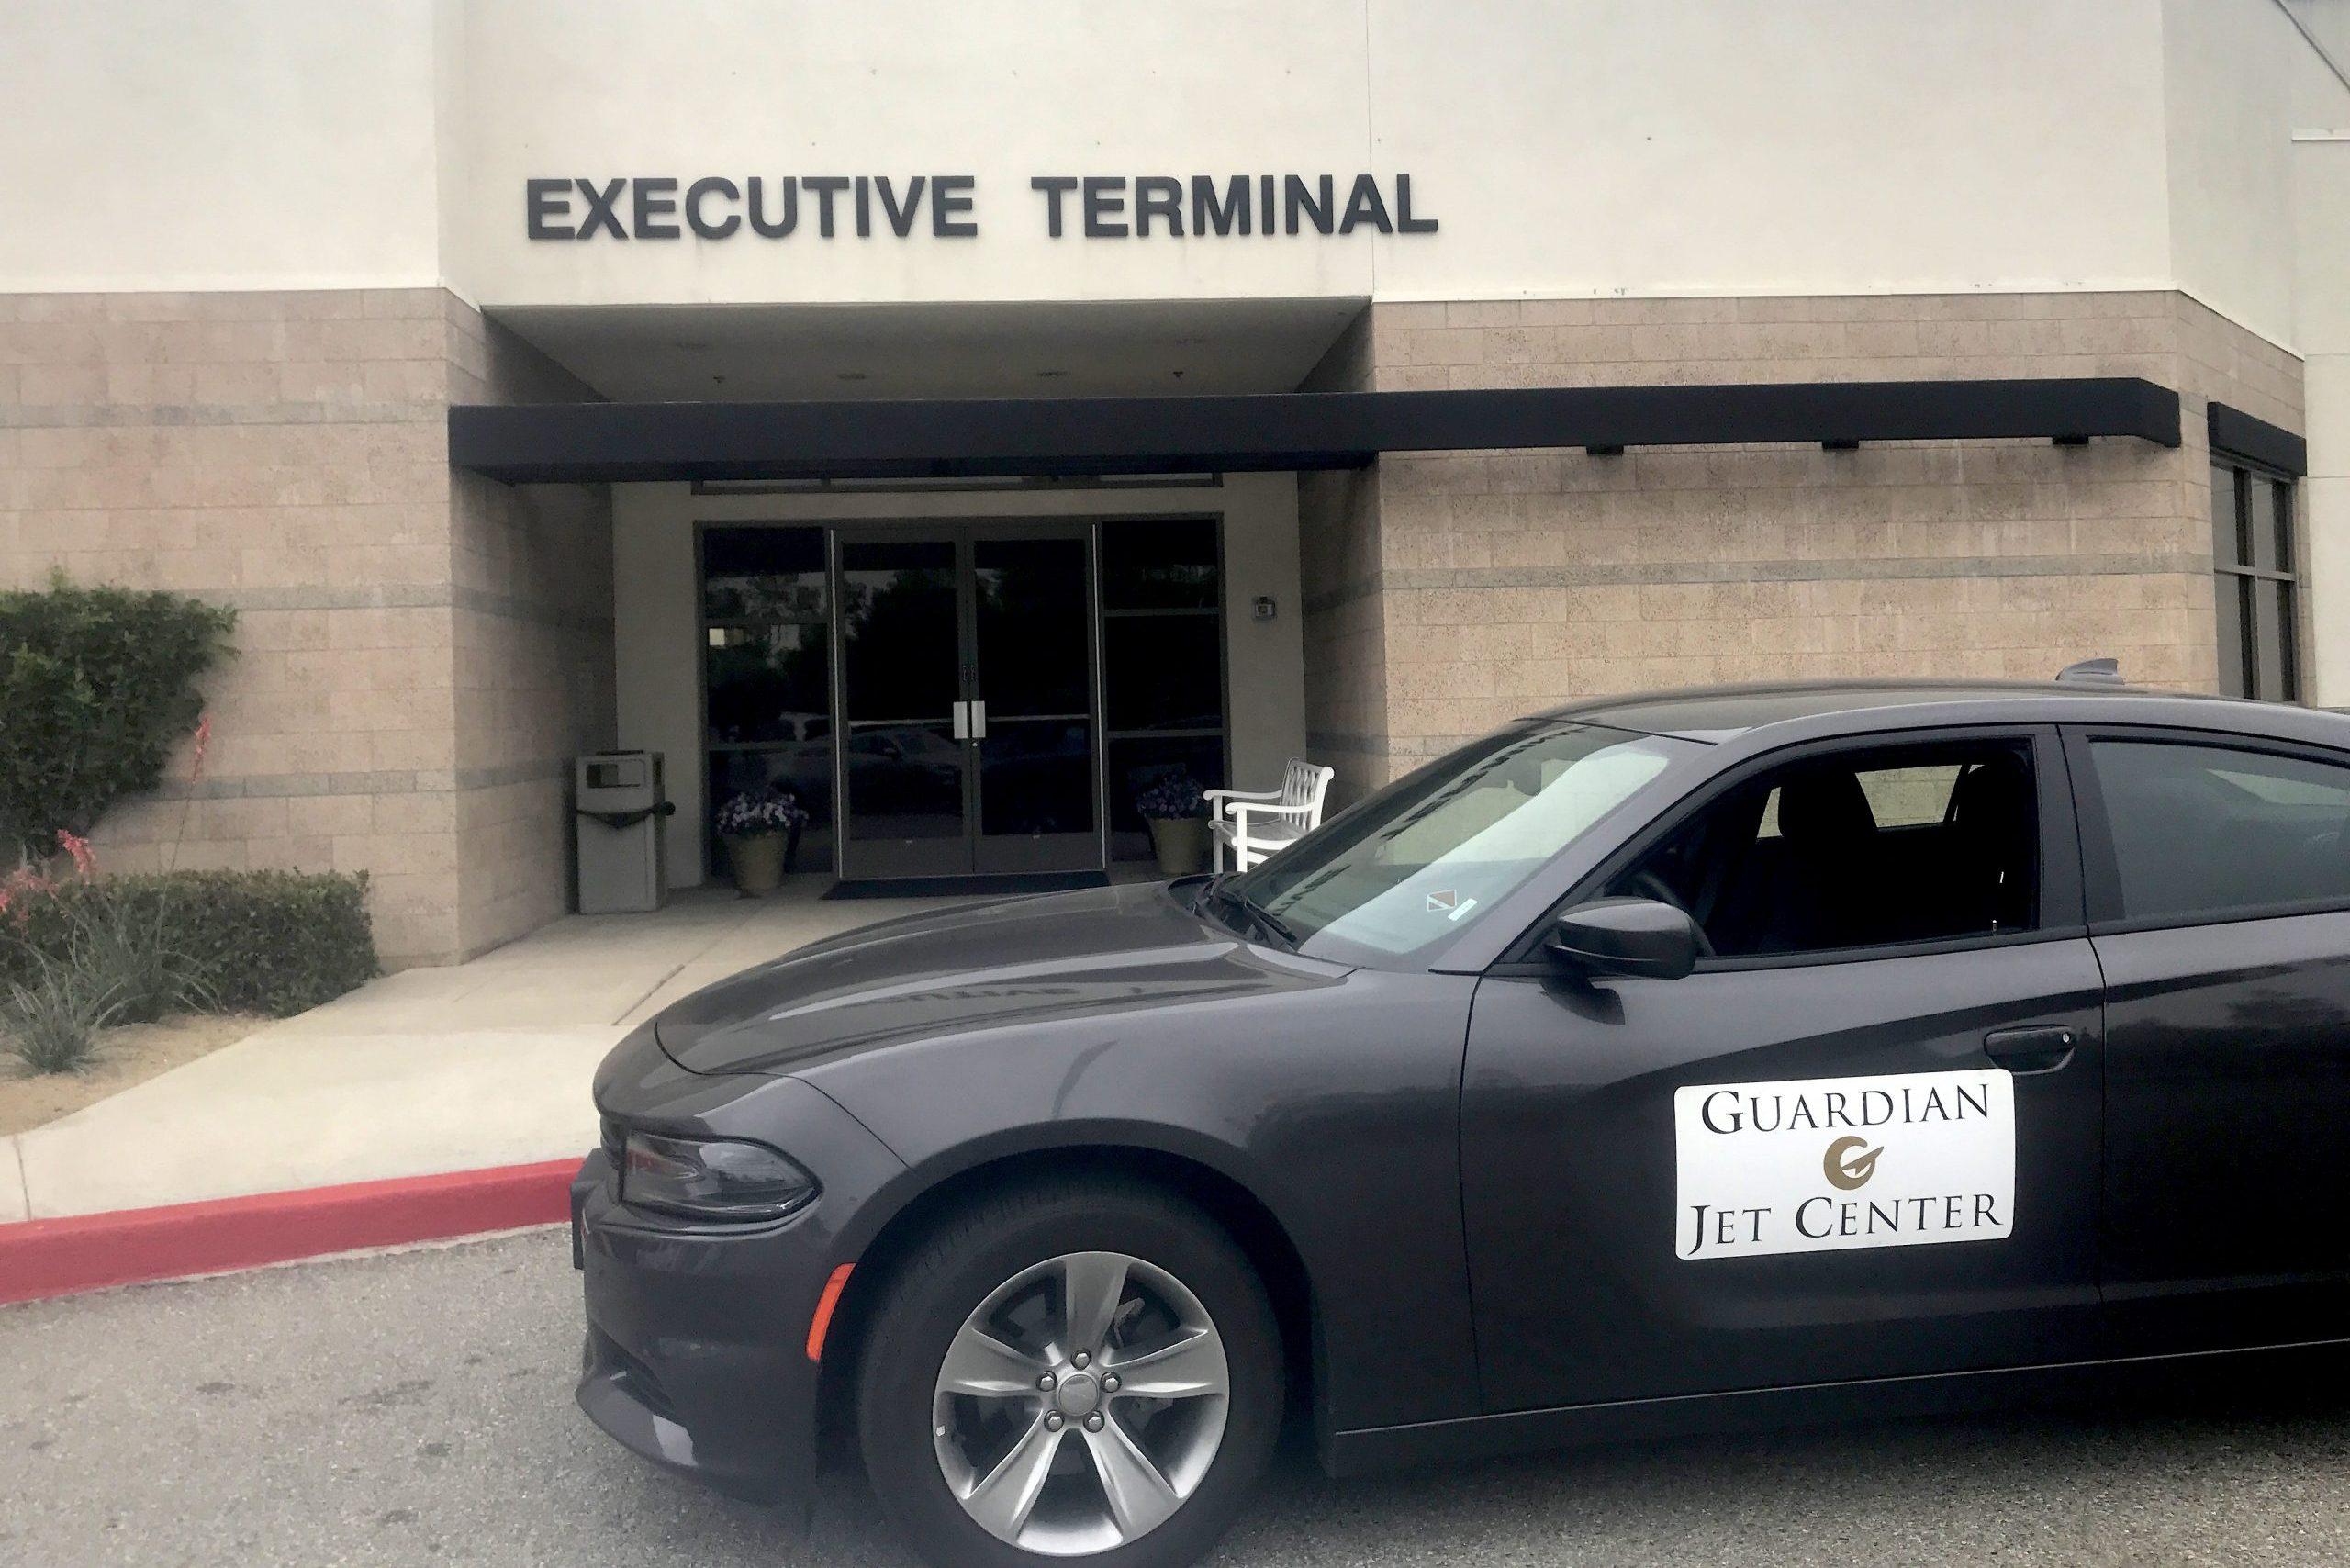 Car waiting at Executive Terminal